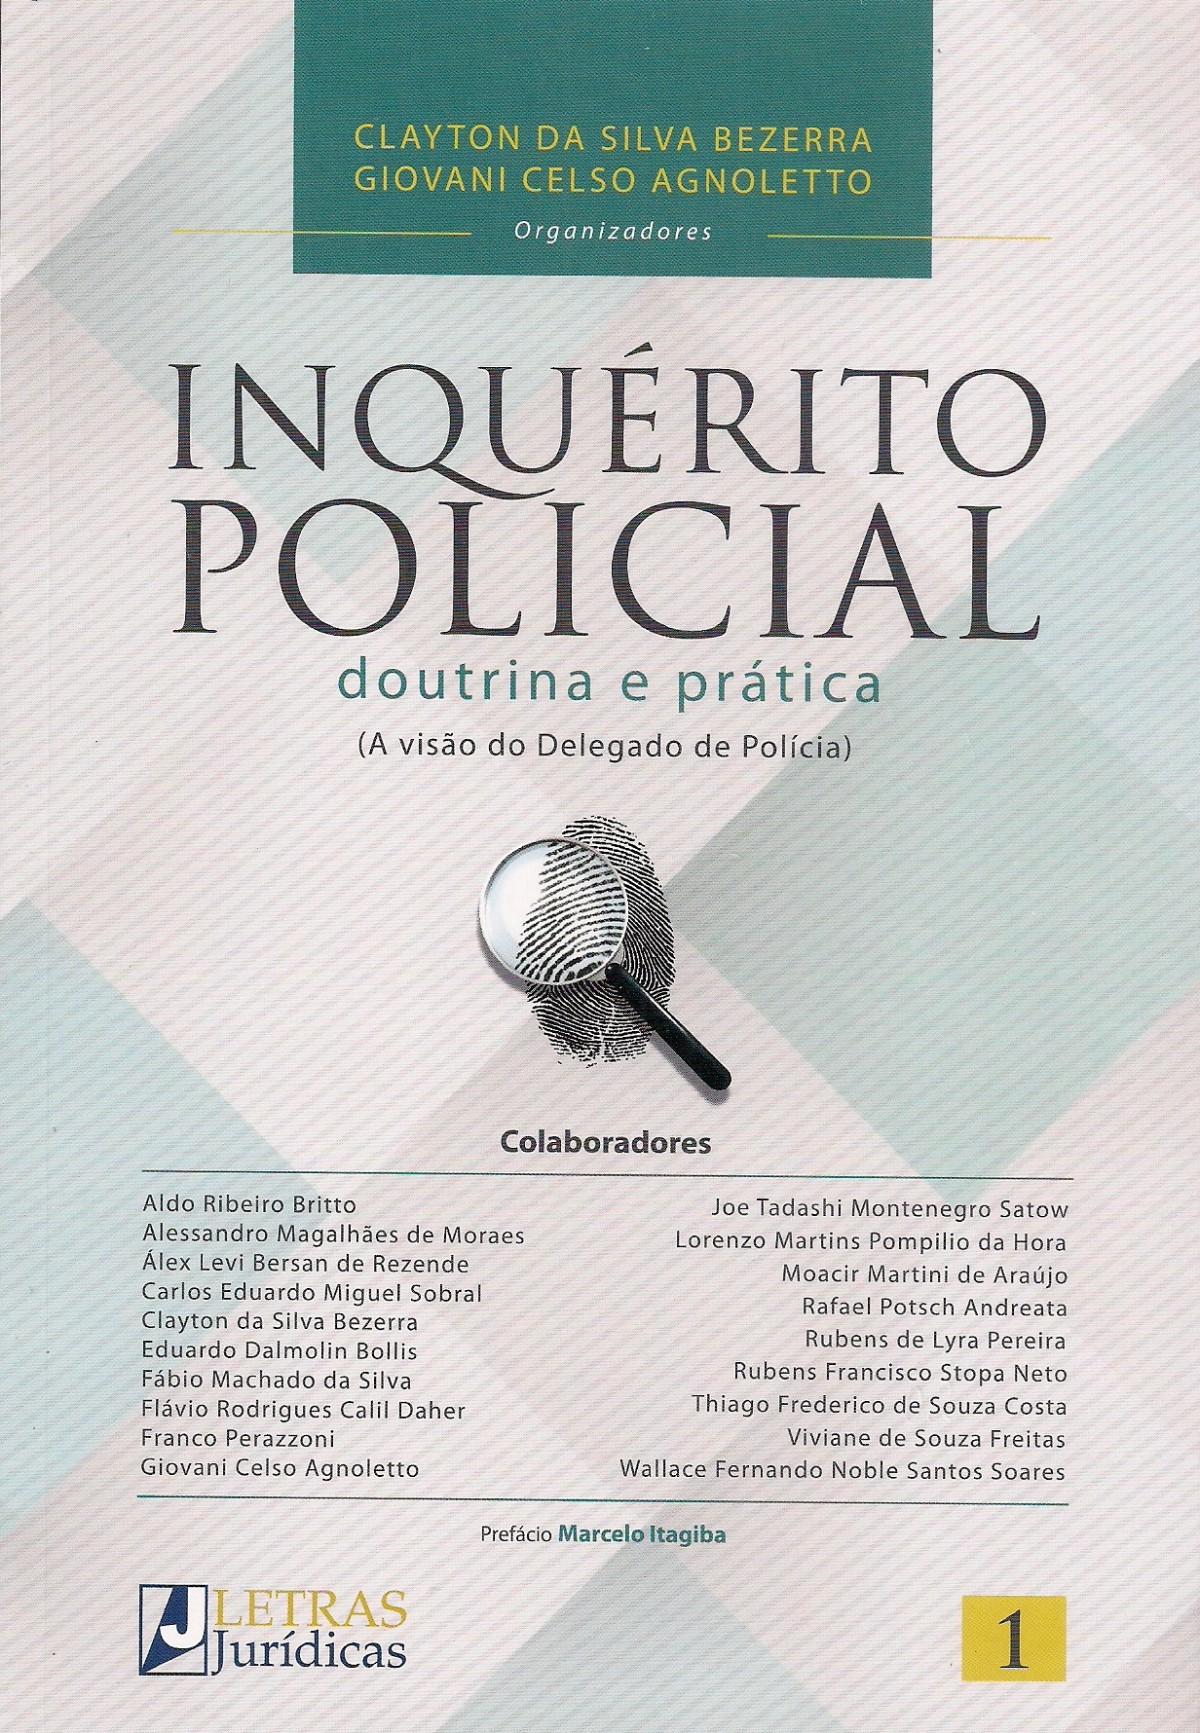 Foto 1 - Inquérito Policial - Doutrina e Prática